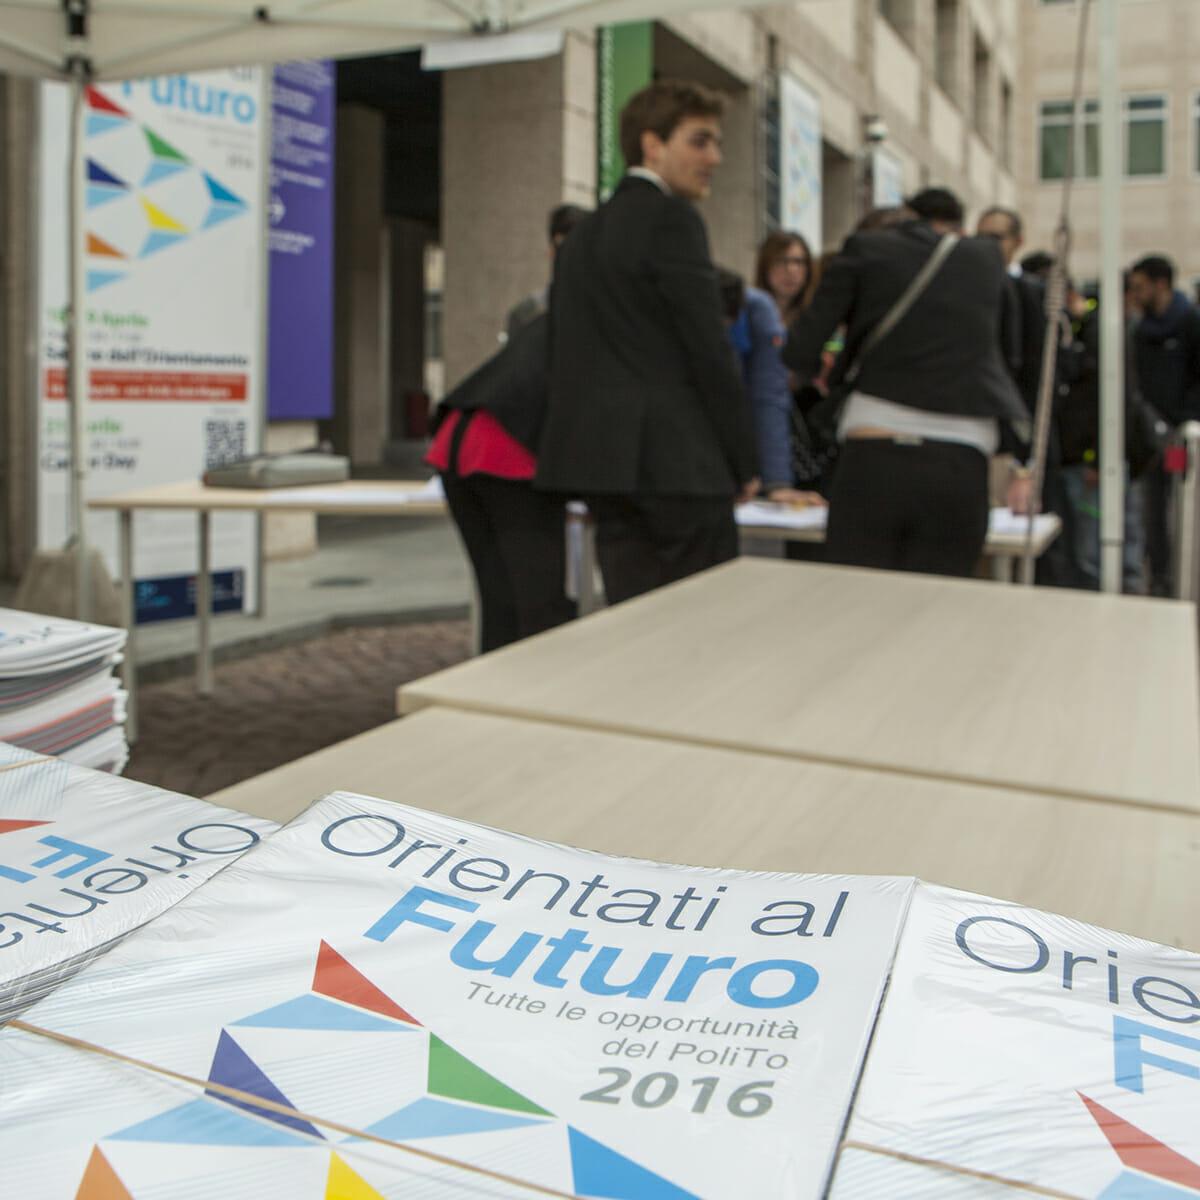 ORIENTATI AL FUTURO 2015 | 2016